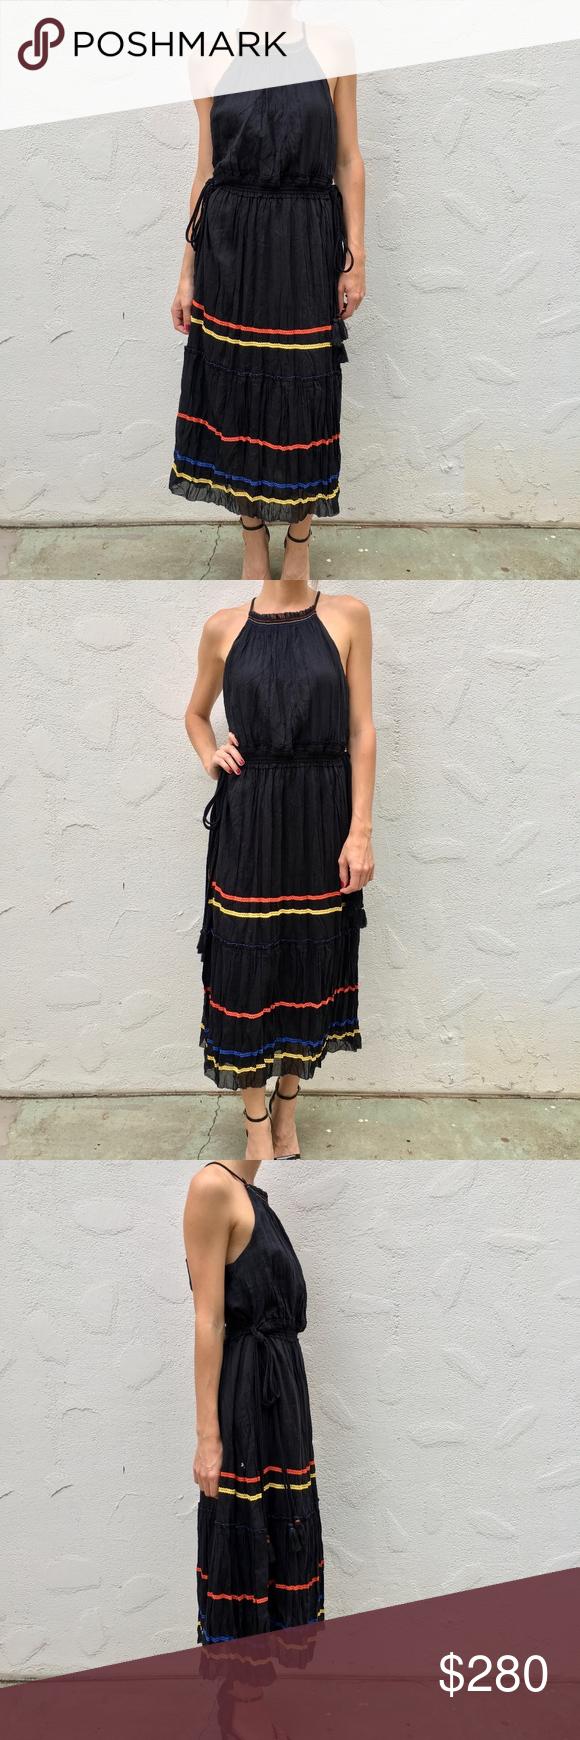 b72d55a1ad (JOIE) Danit Dress in Caviar Stunning Danit Dress in Caviar by JOIE ✿ self  70% cotton 30% silk